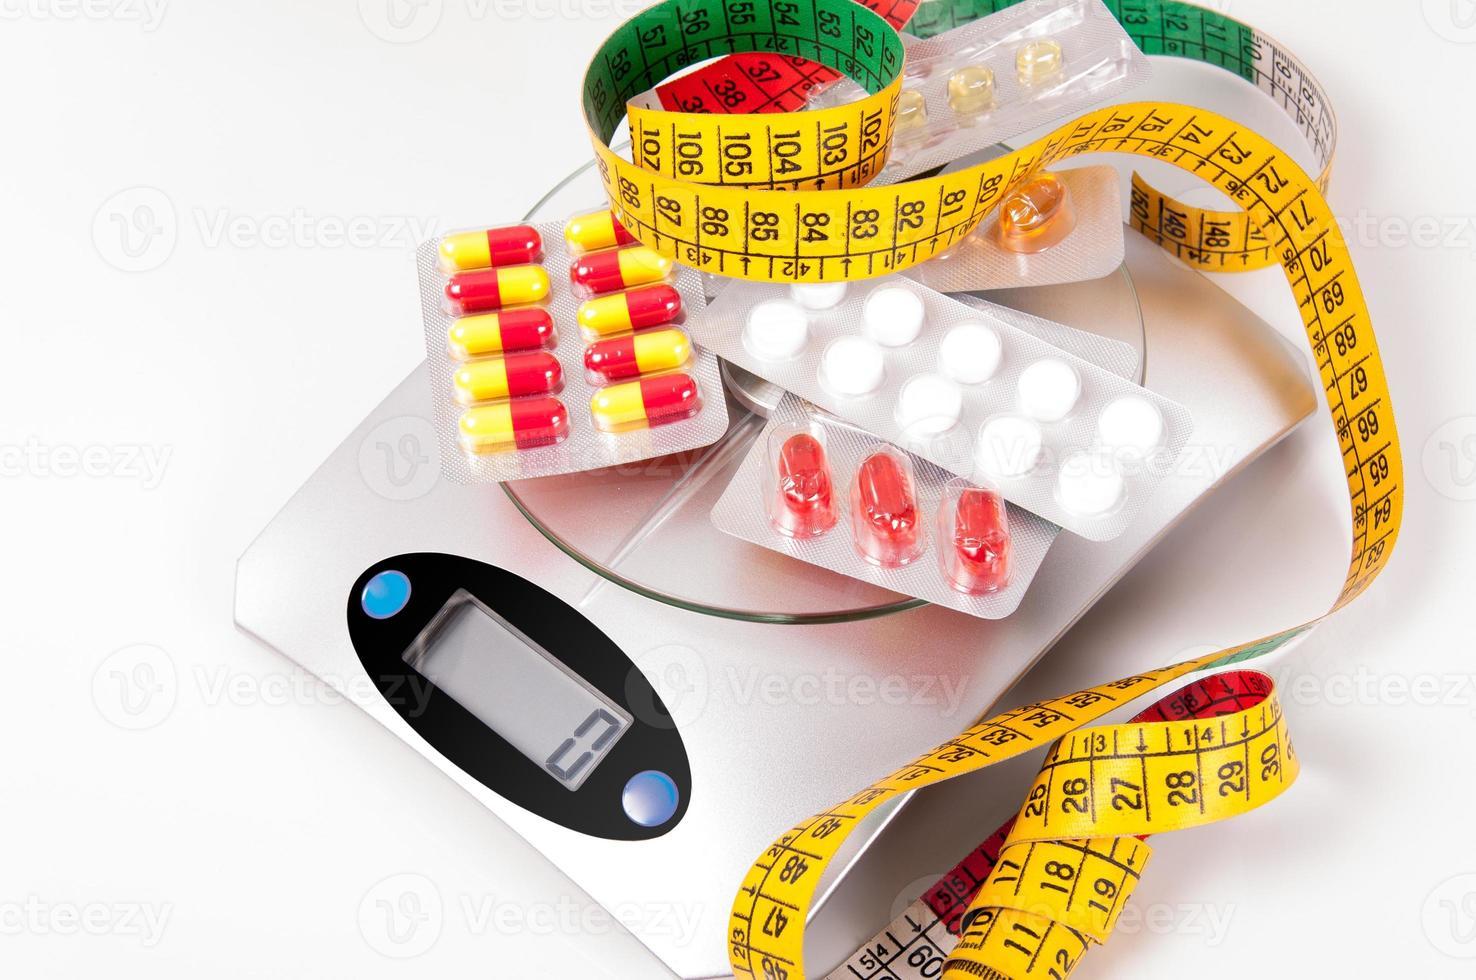 cinta métrica y medicamento sobre báscula de cocina foto